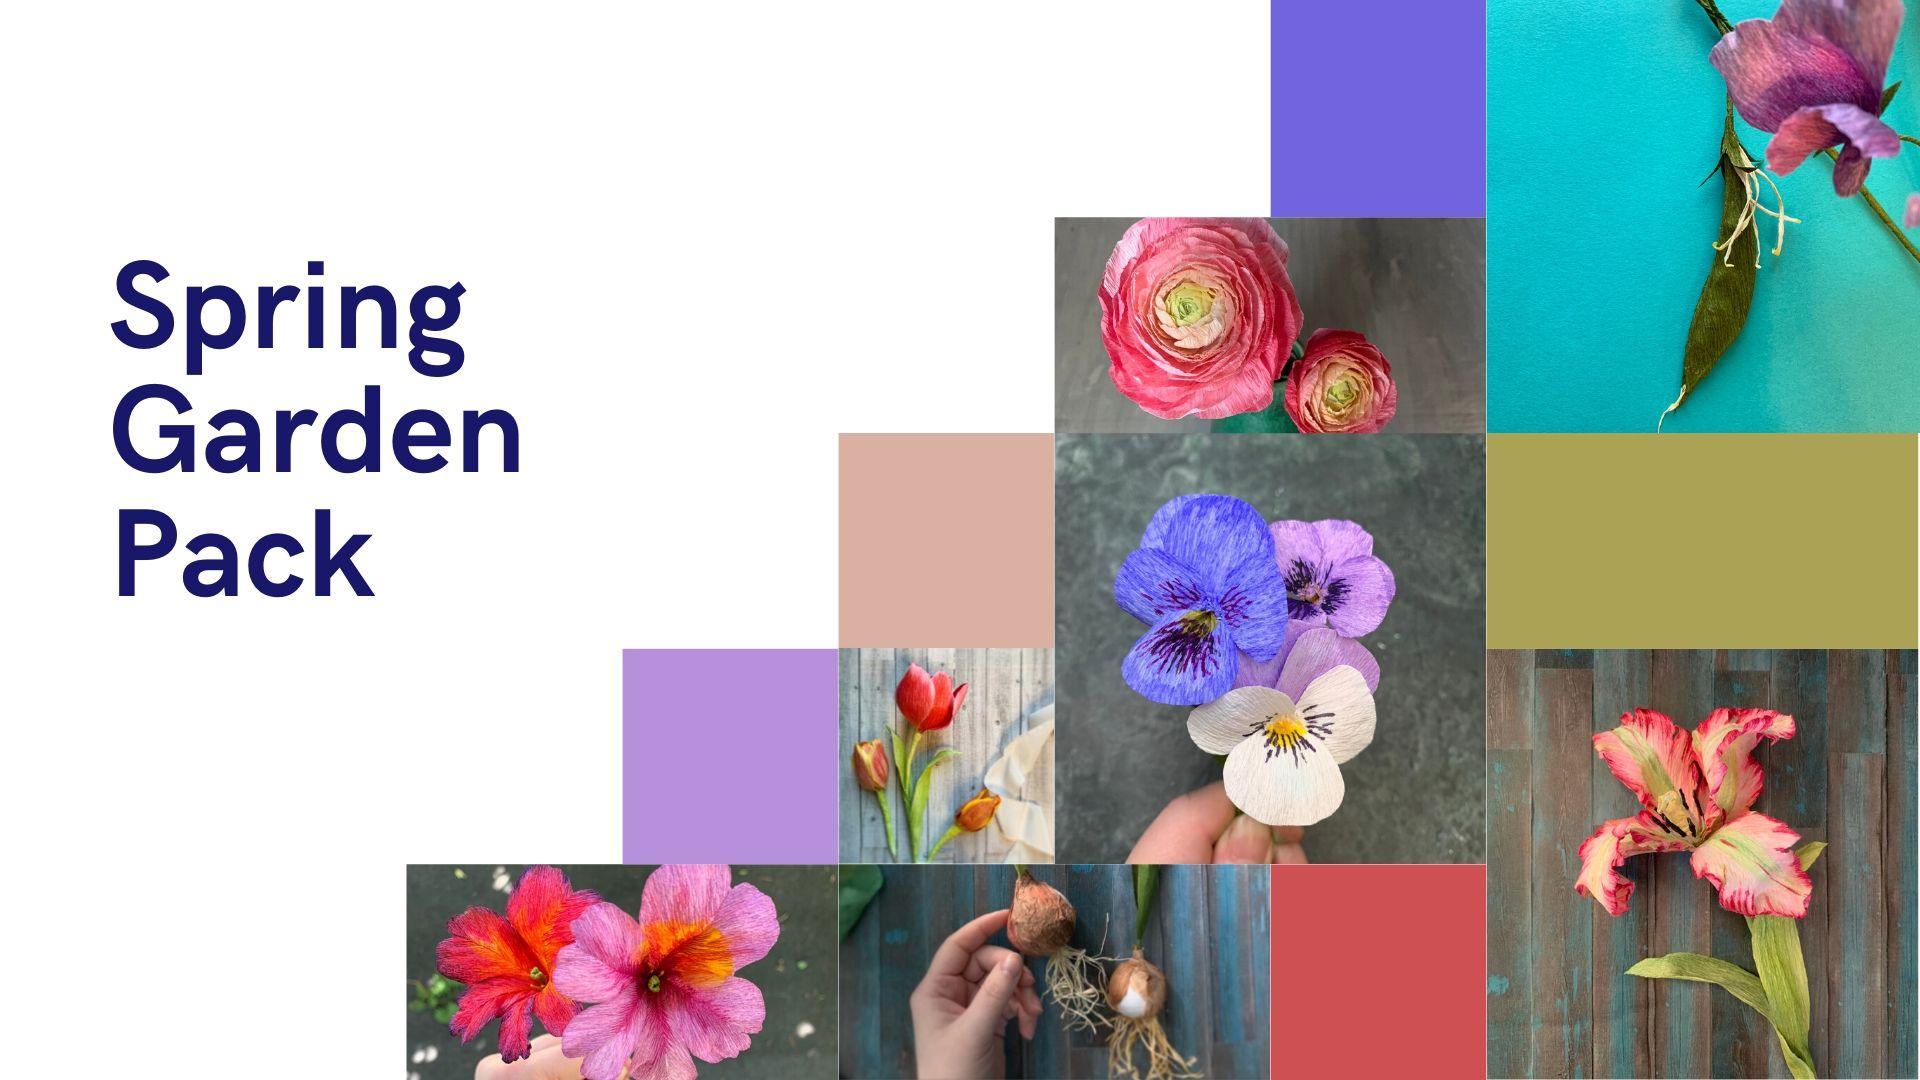 Spring Garden Pack